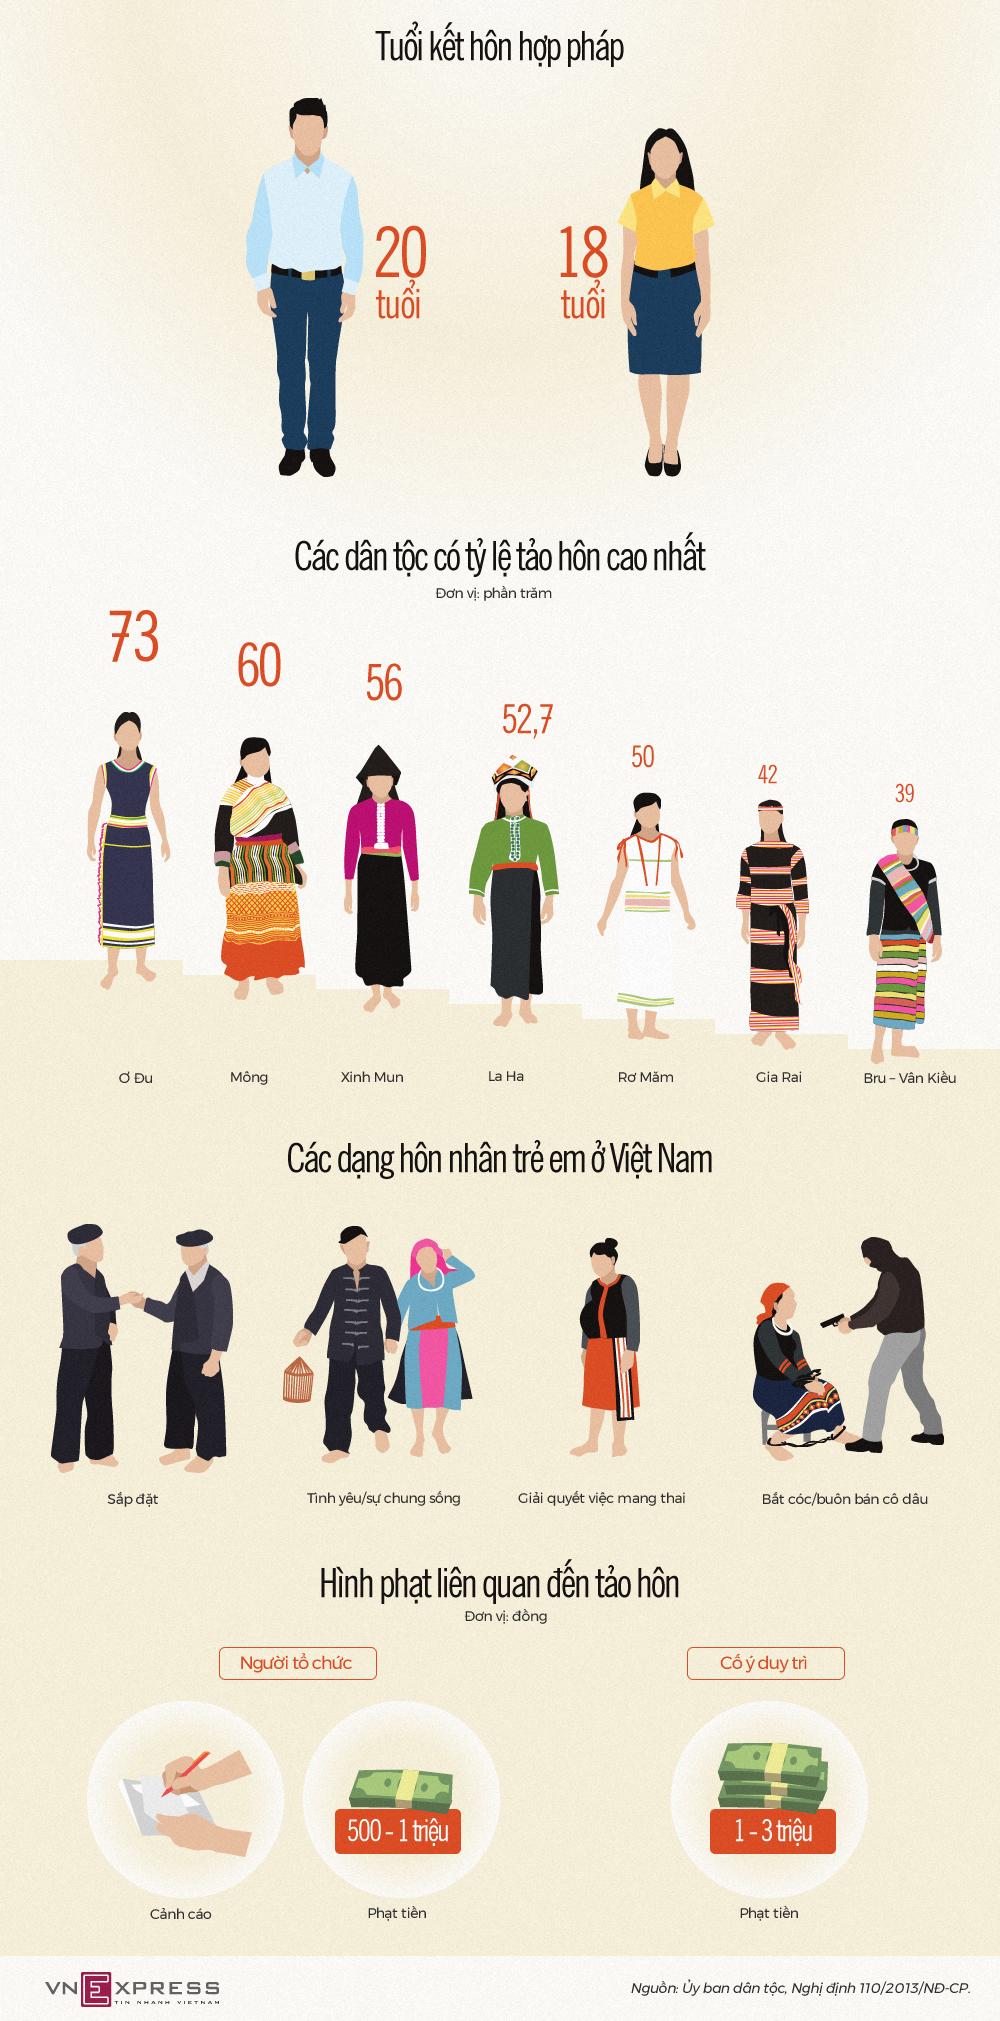 Những dân tộc tảo hôn nhiều nhất Việt Nam